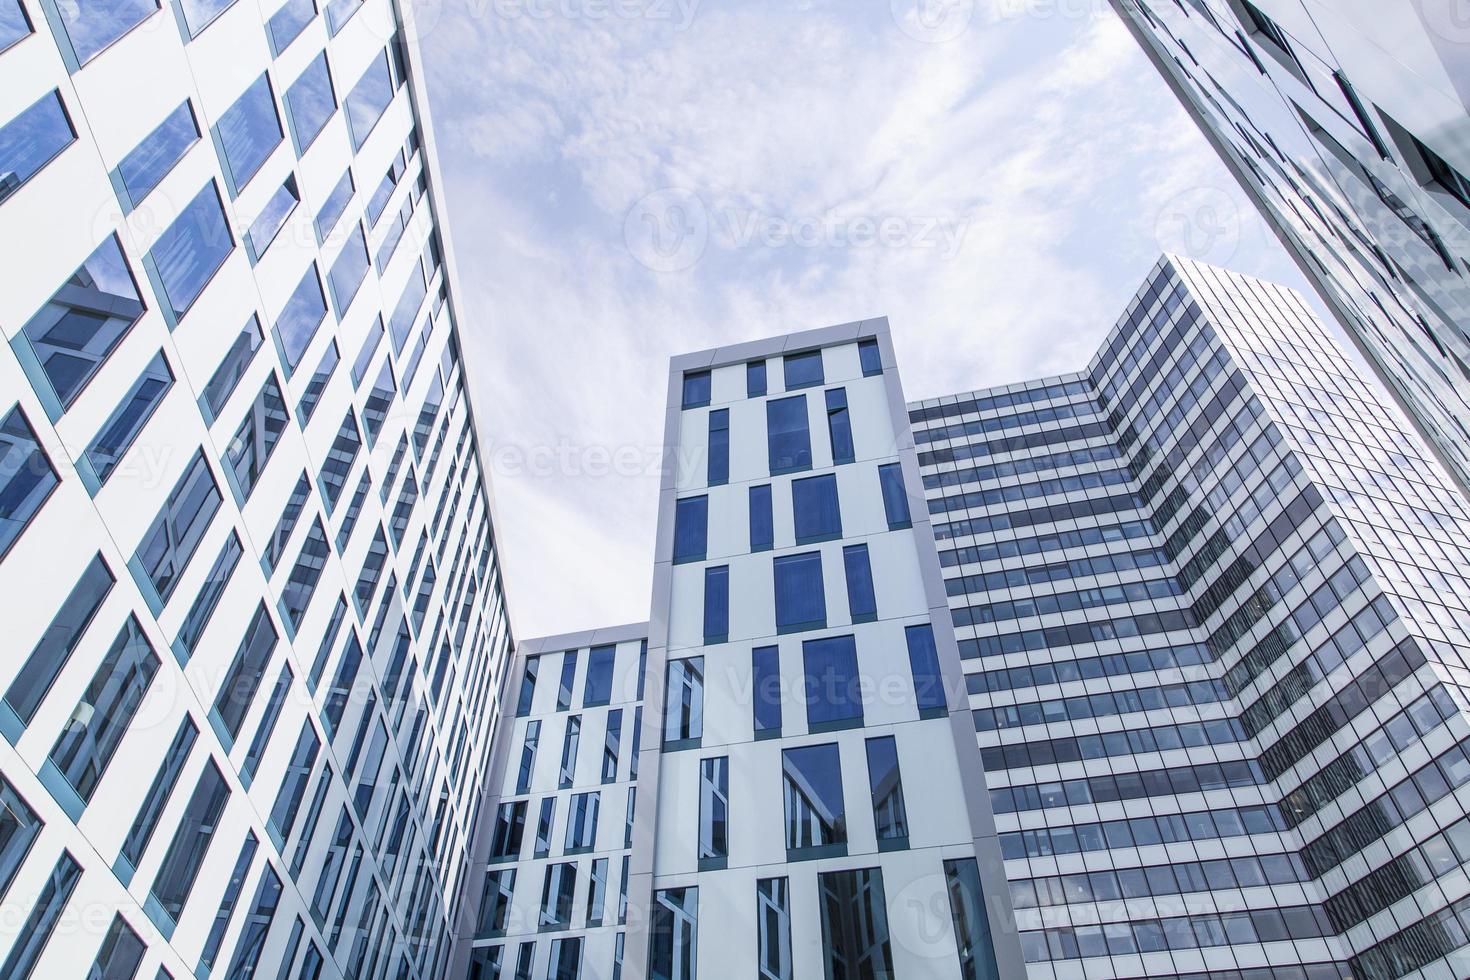 linee astratte della facciata e riflessione di vetro su costruzione moderna foto